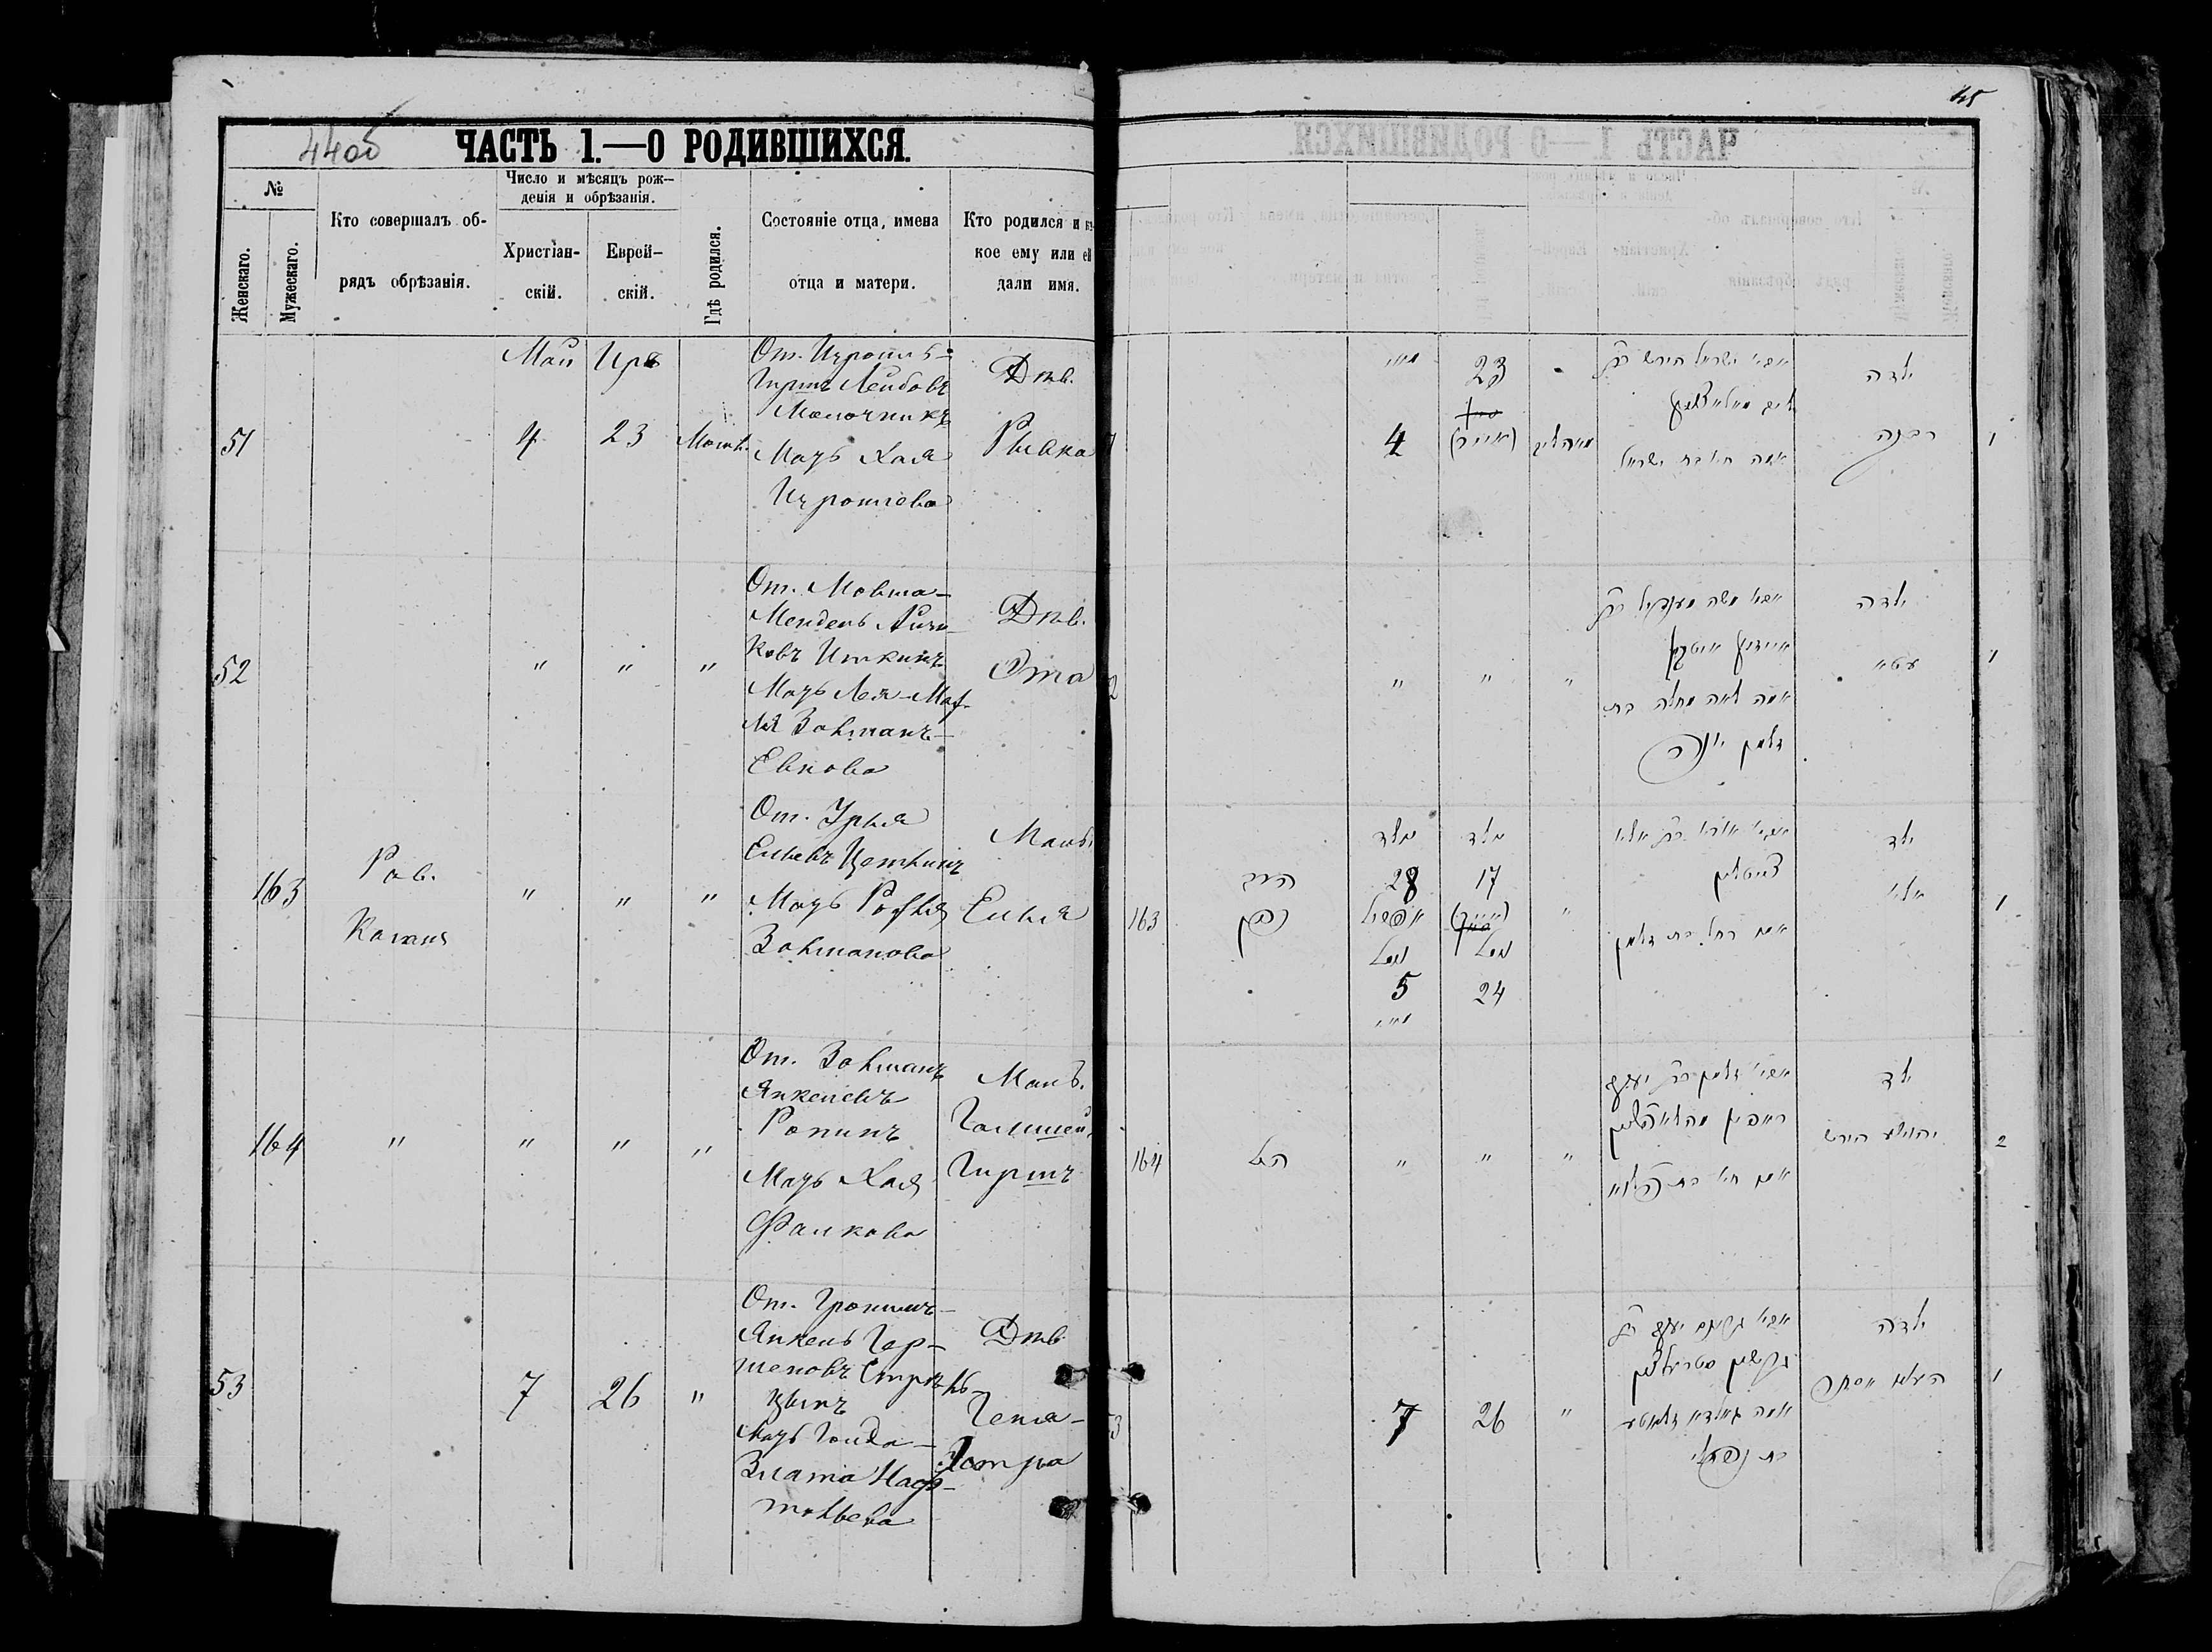 Геня-Эстра Гроним-Янкелевна Стрельцына 7 мая 1879, запись 53, пленка 007766481, снимок 932